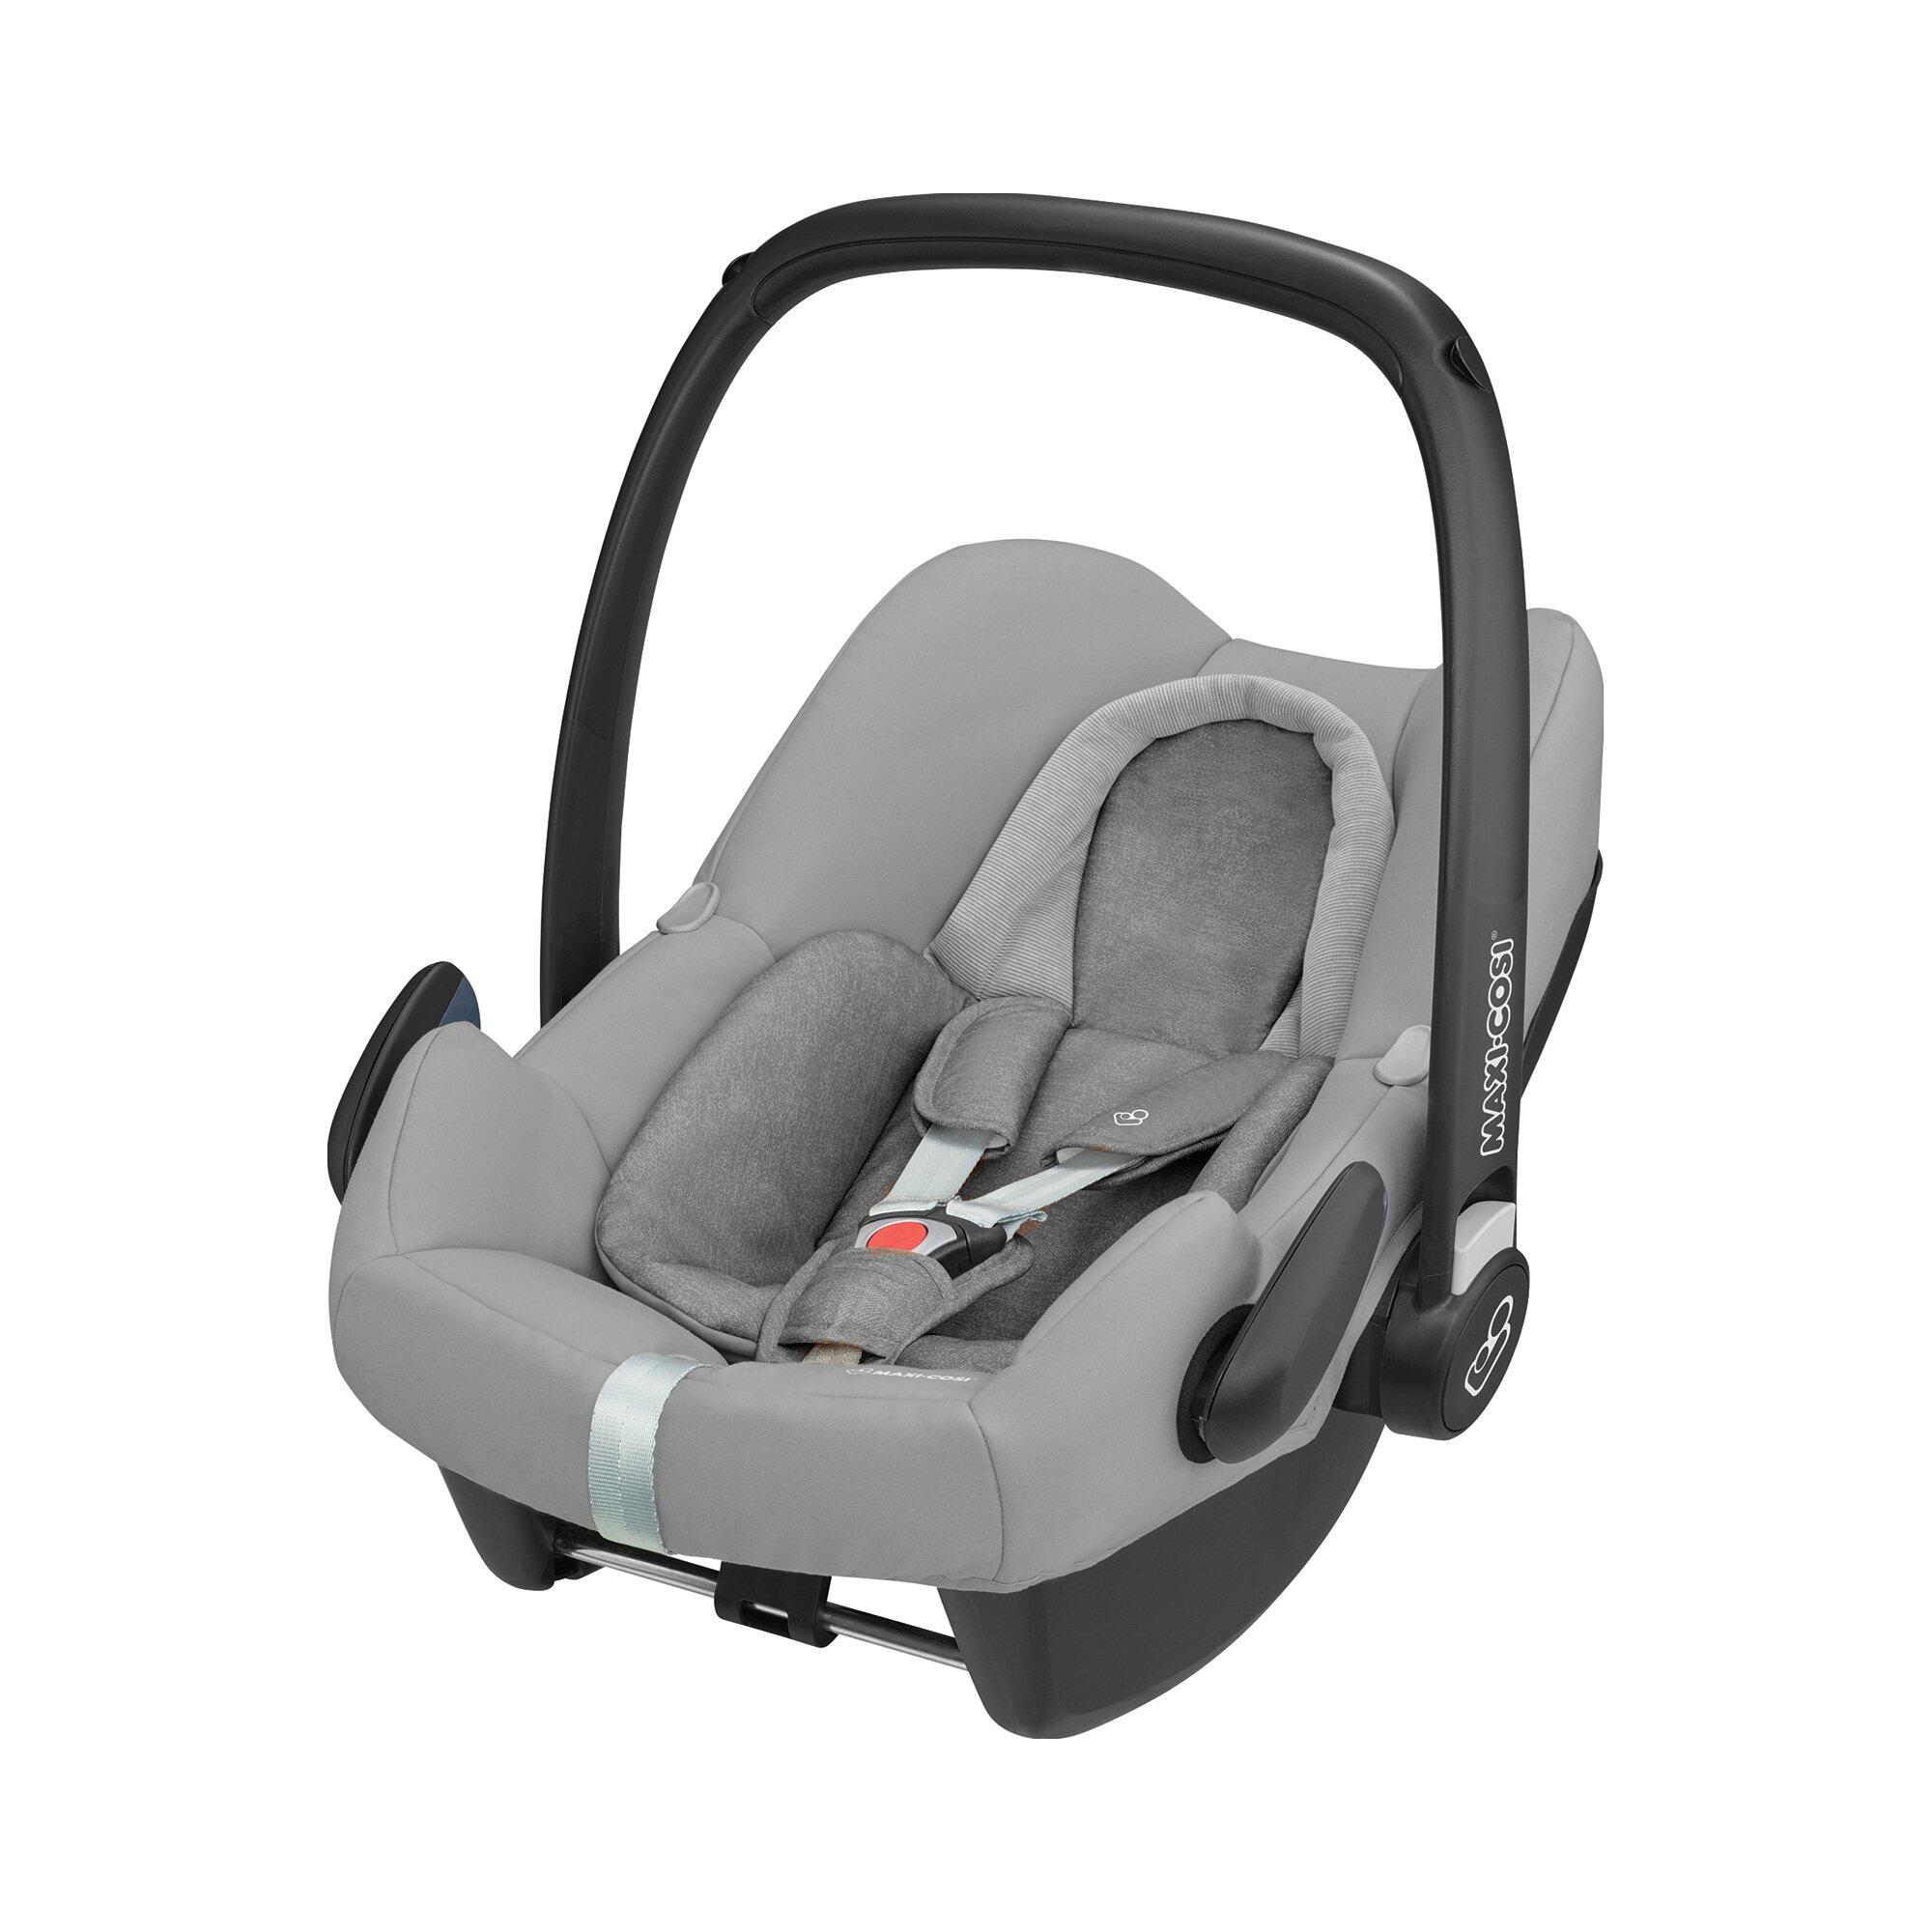 rock-i-size-babyschale-incl-familyfix-one-i-size-grau